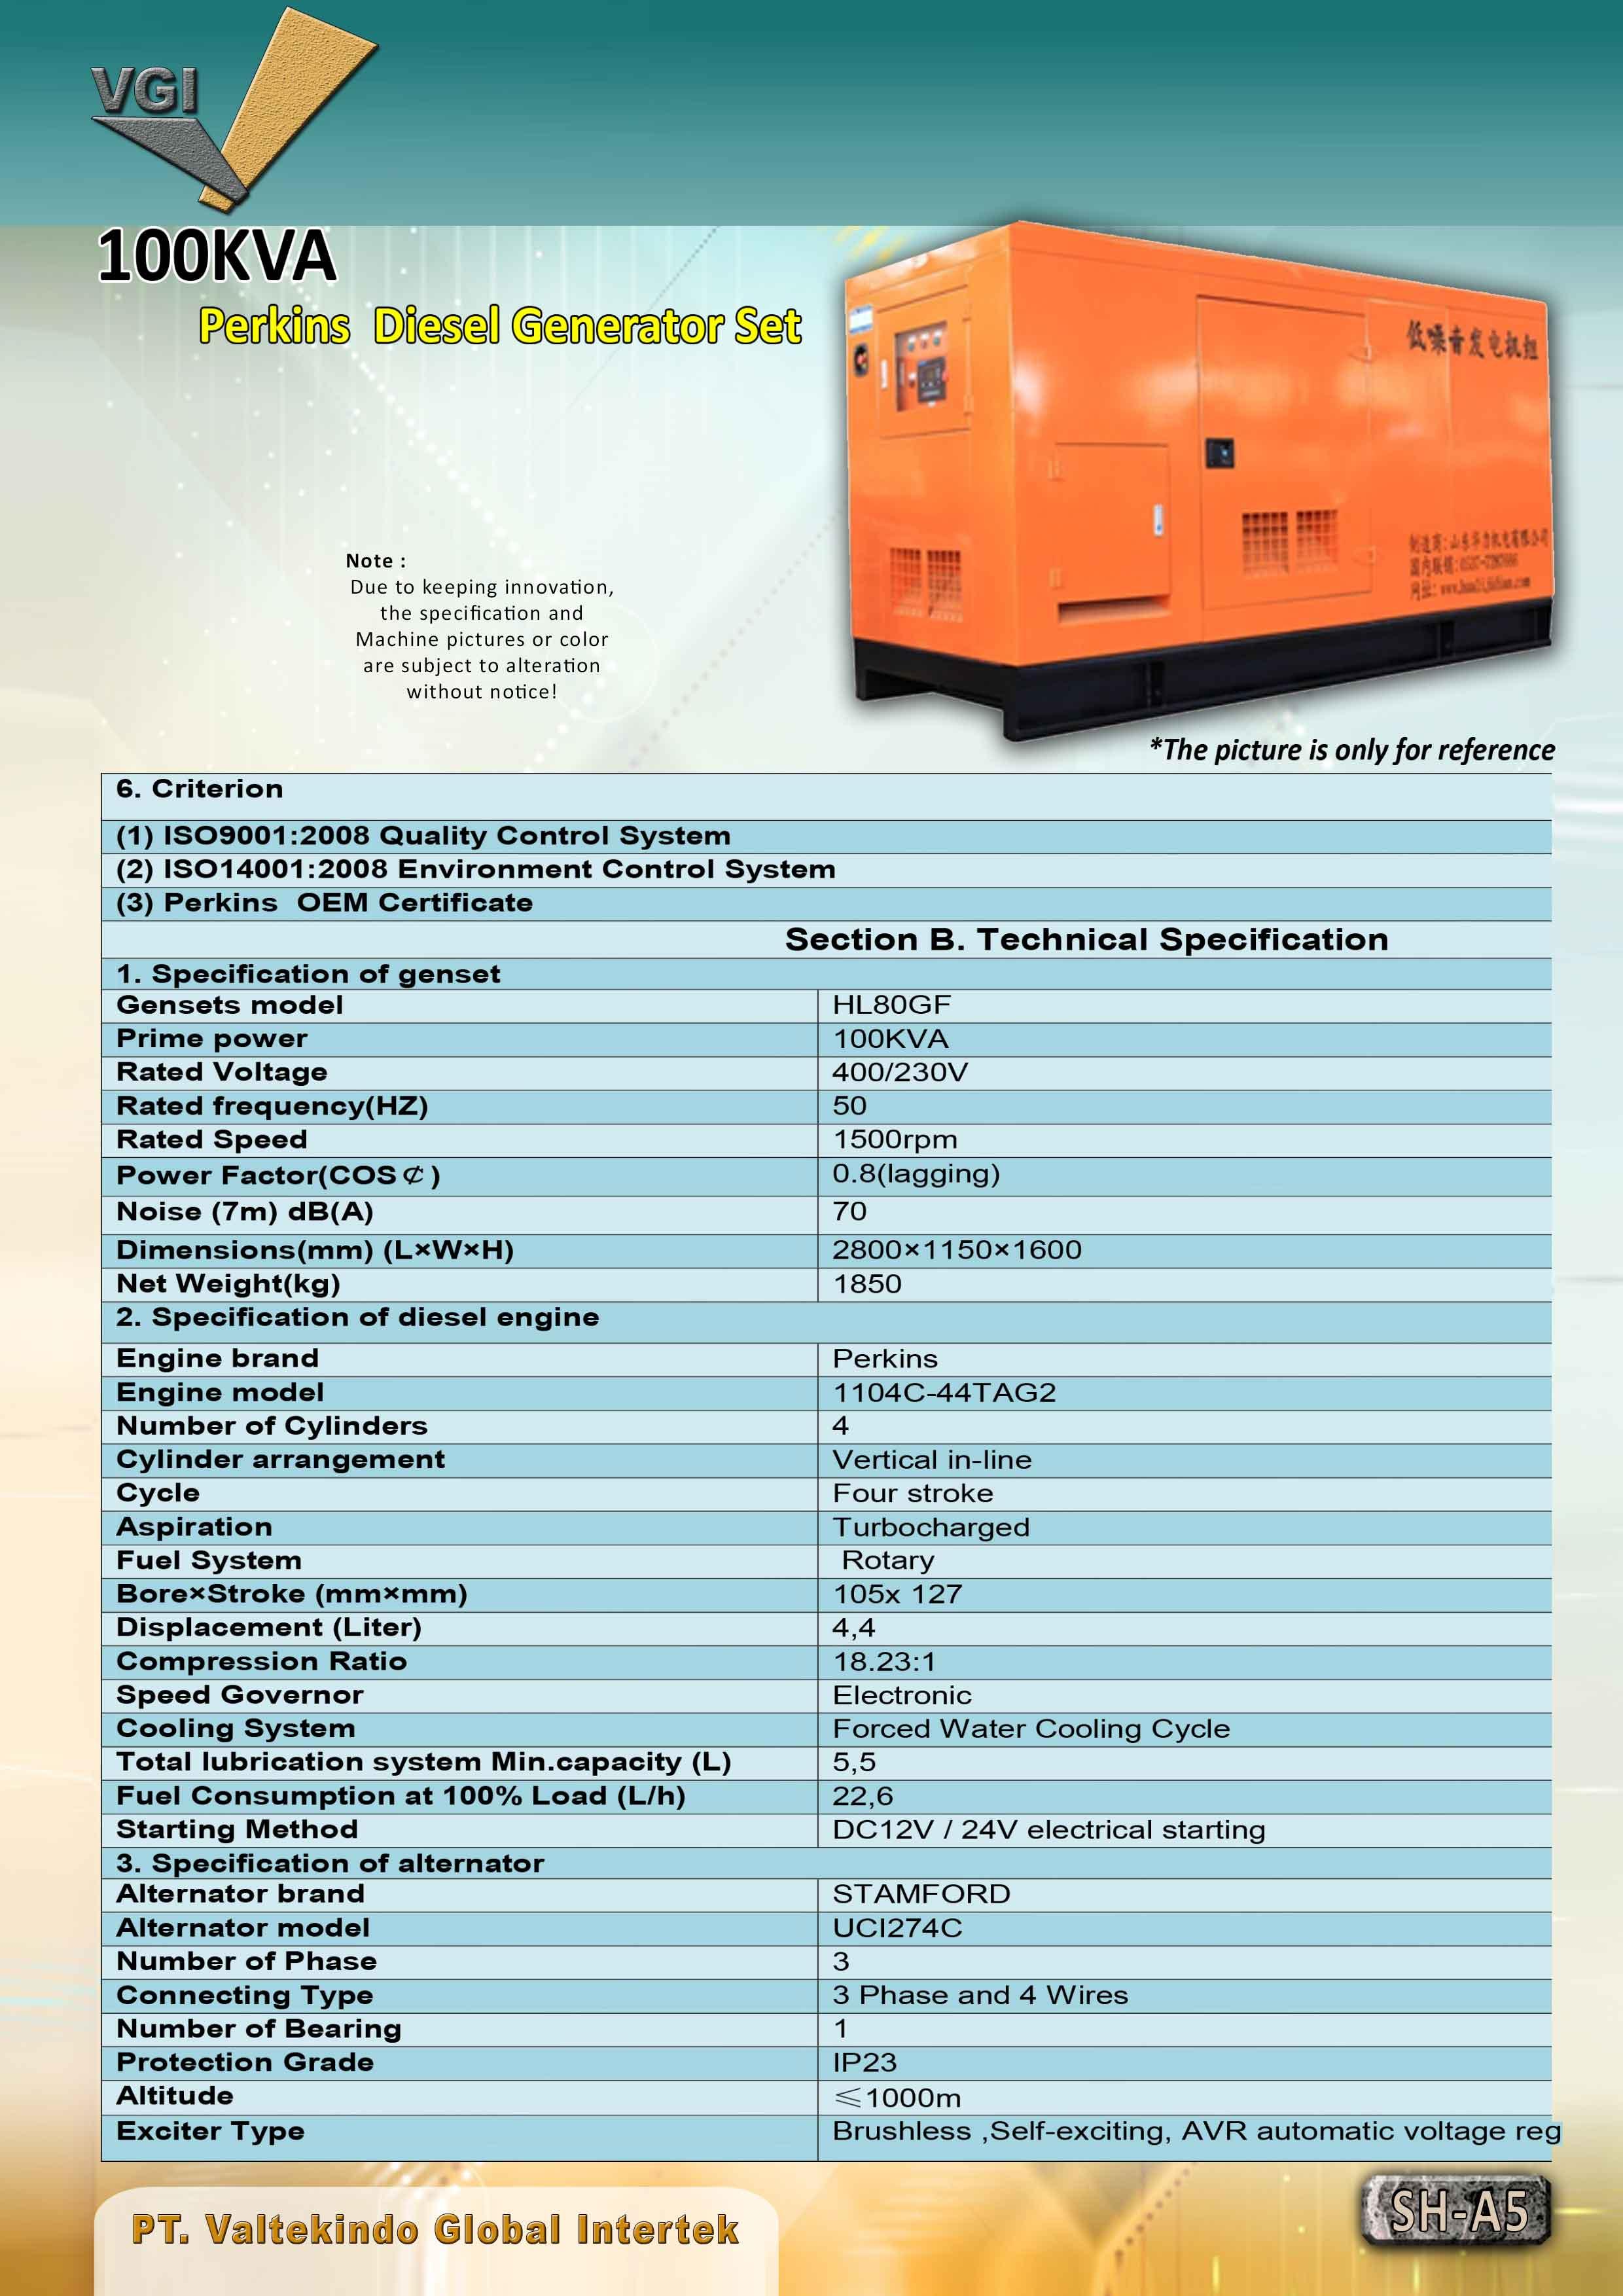 jual mesin, harga mesin, jual mesin bandung, distributor mesin, jual mesin karet, daur ulang karet, daur ulang plastik, mesin pertanian 100 KVA Perkins Diesel Generator Set 100 KVA Perkins Diesel Generator Set